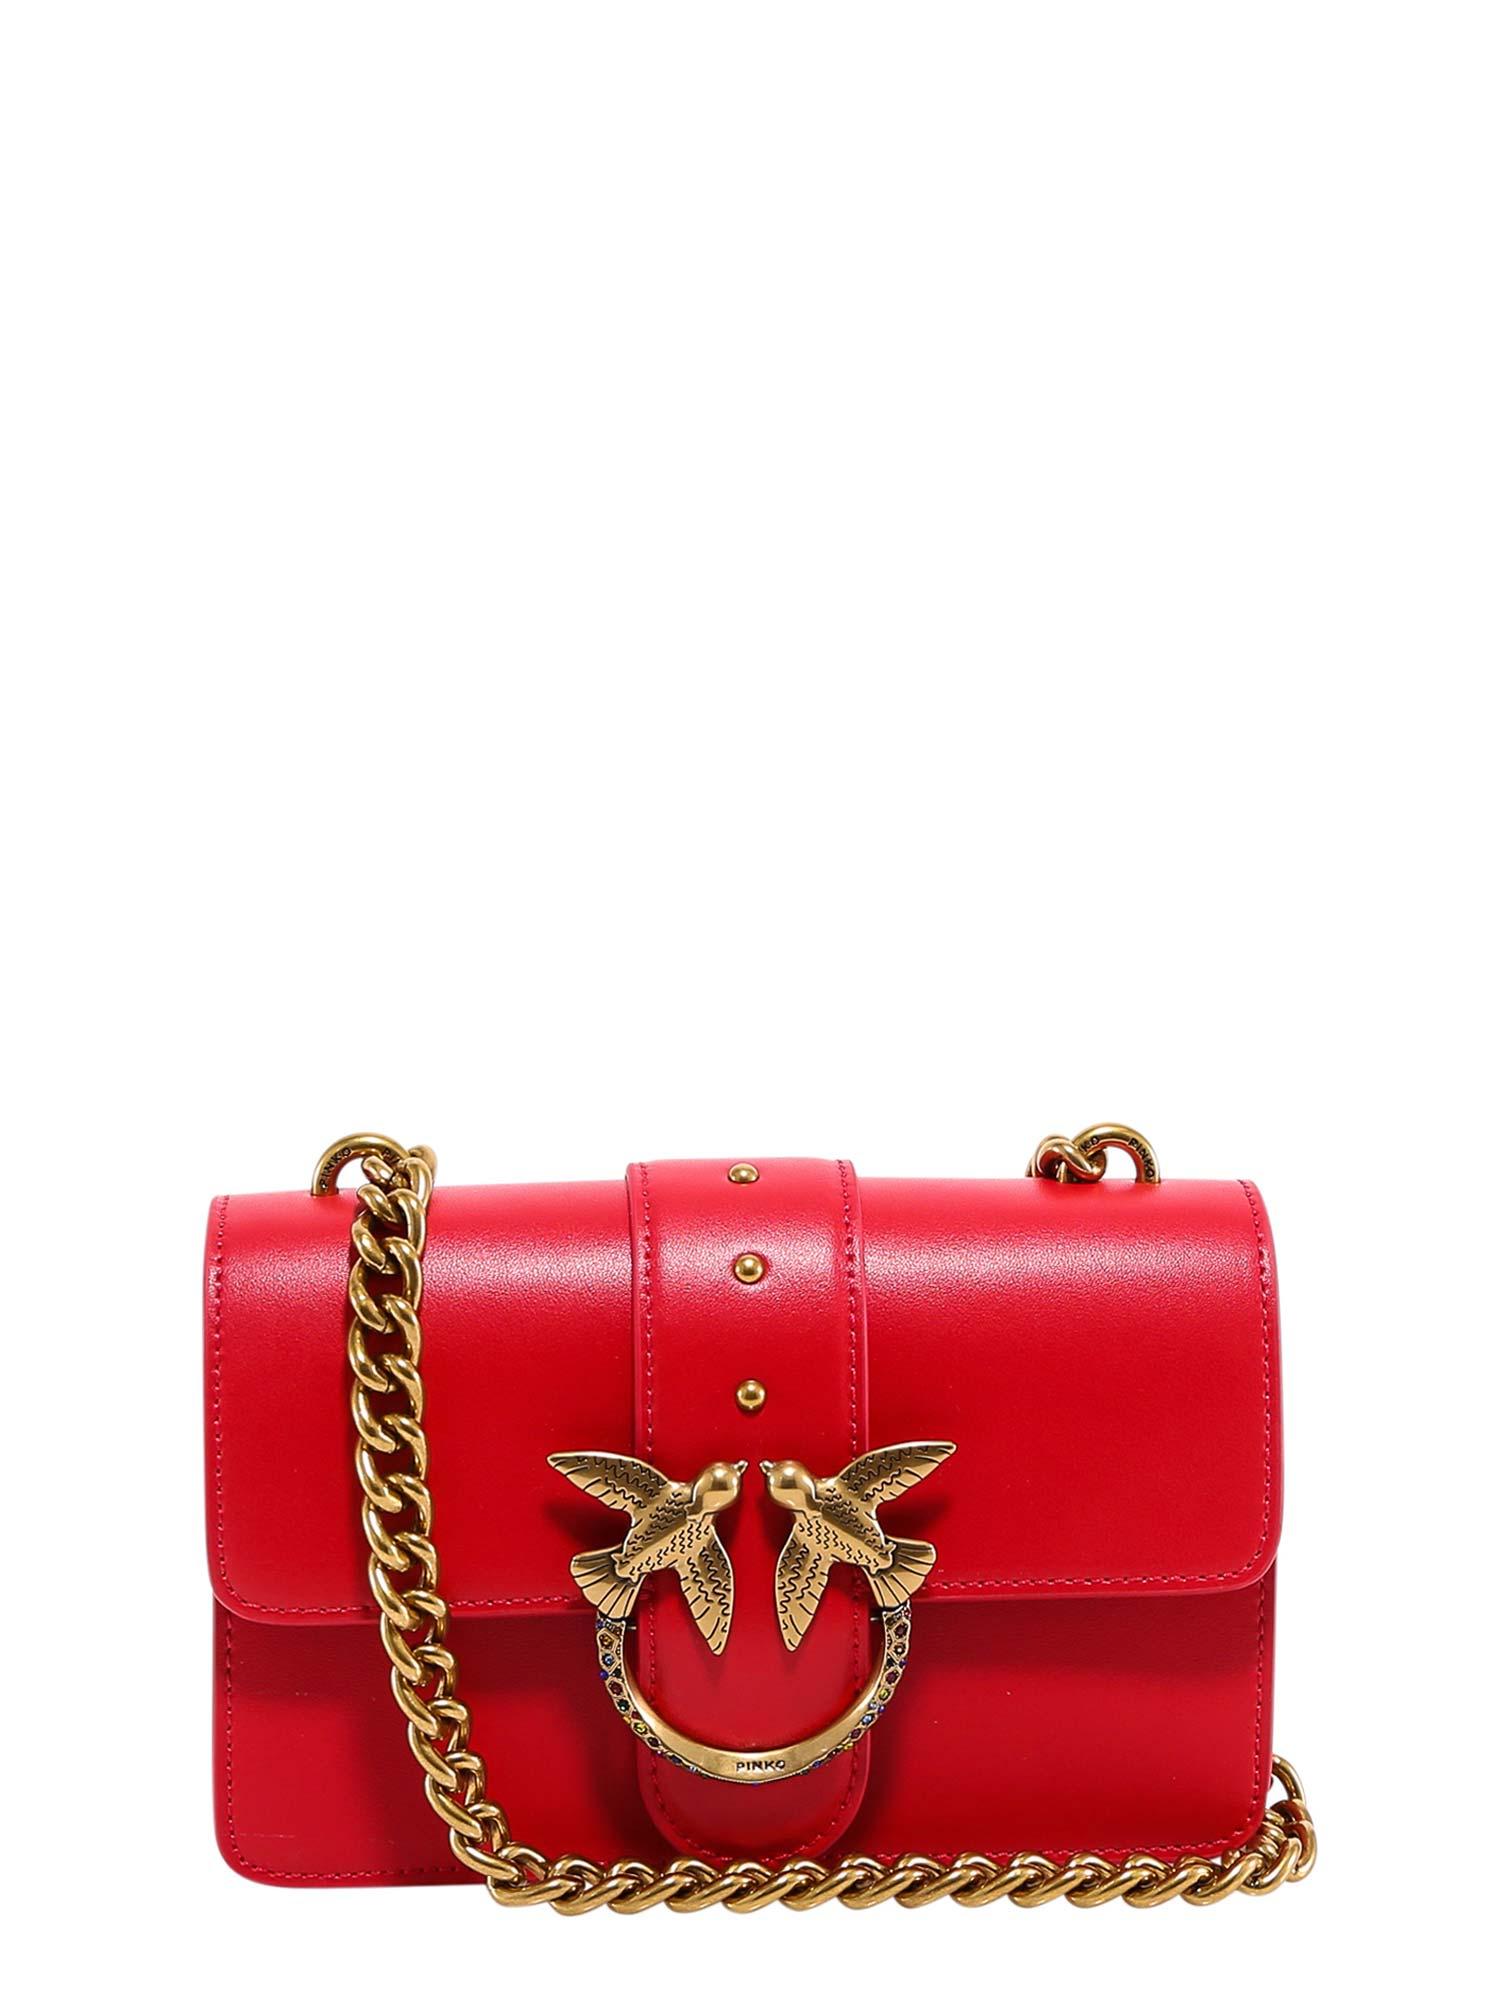 Pinko Leathers SHOULDER BAG